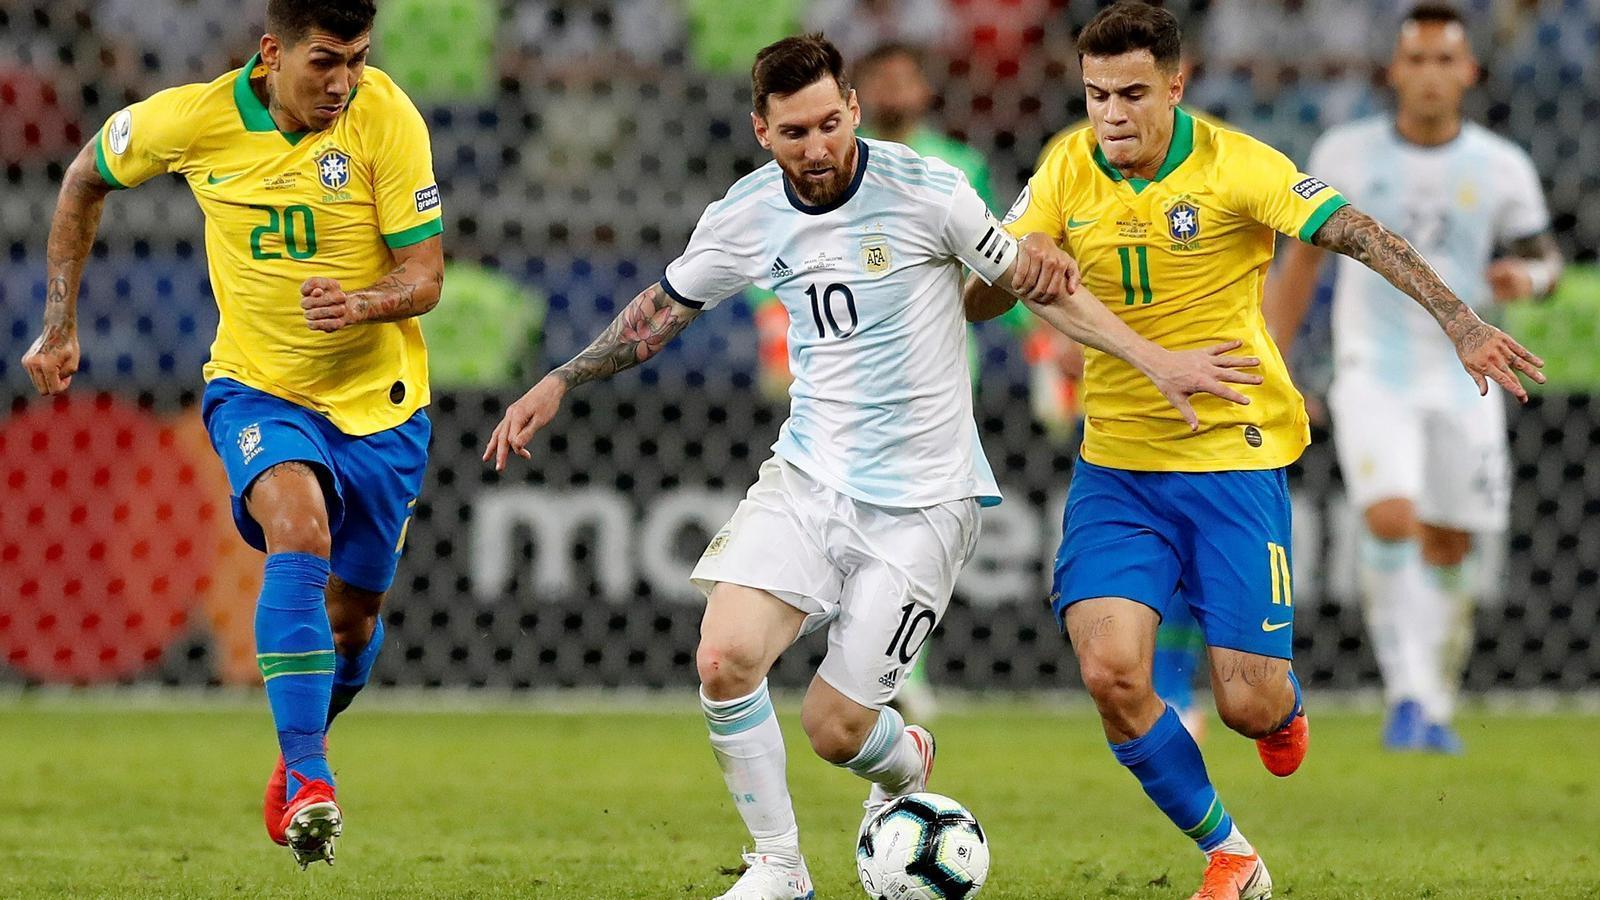 El Brasil elimina l'Argentina (2-0) i es classifica per a la final de la Copa Amèrica